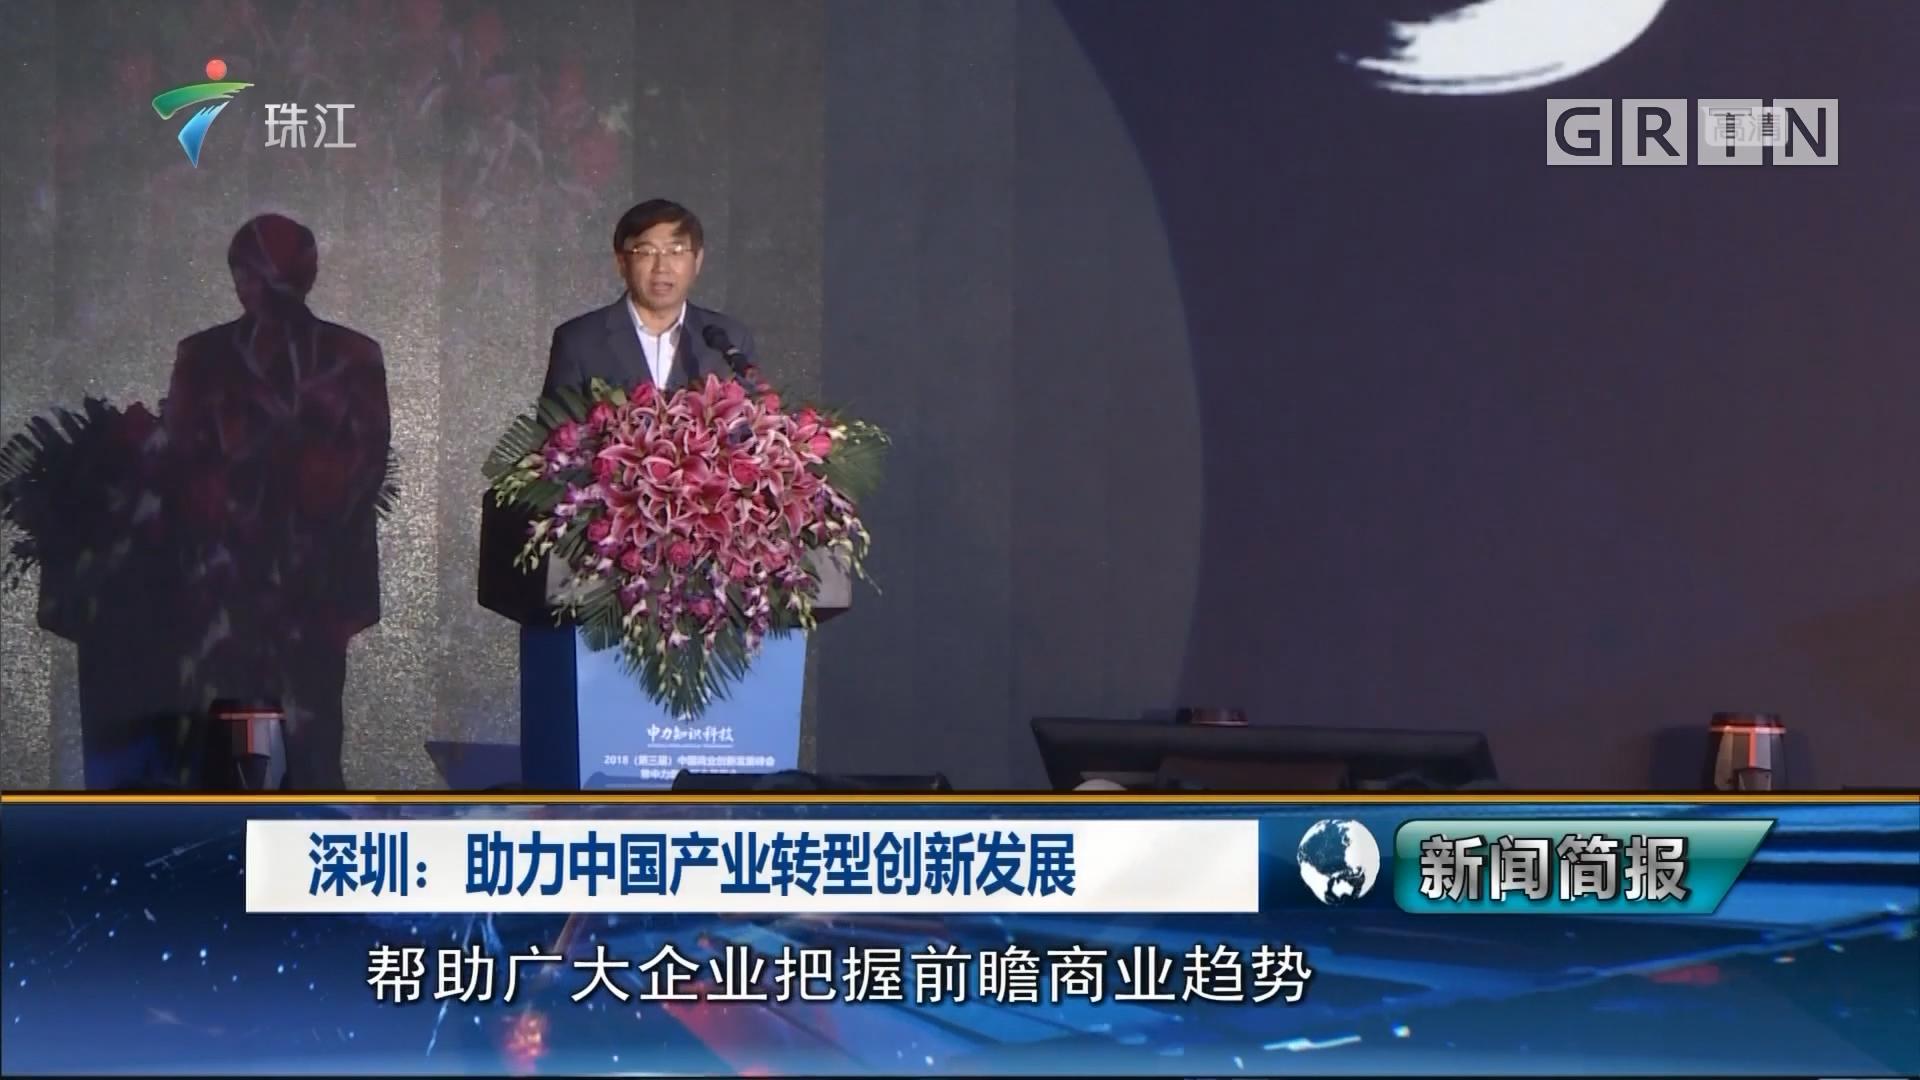 深圳:助力中国产业转型创新发展